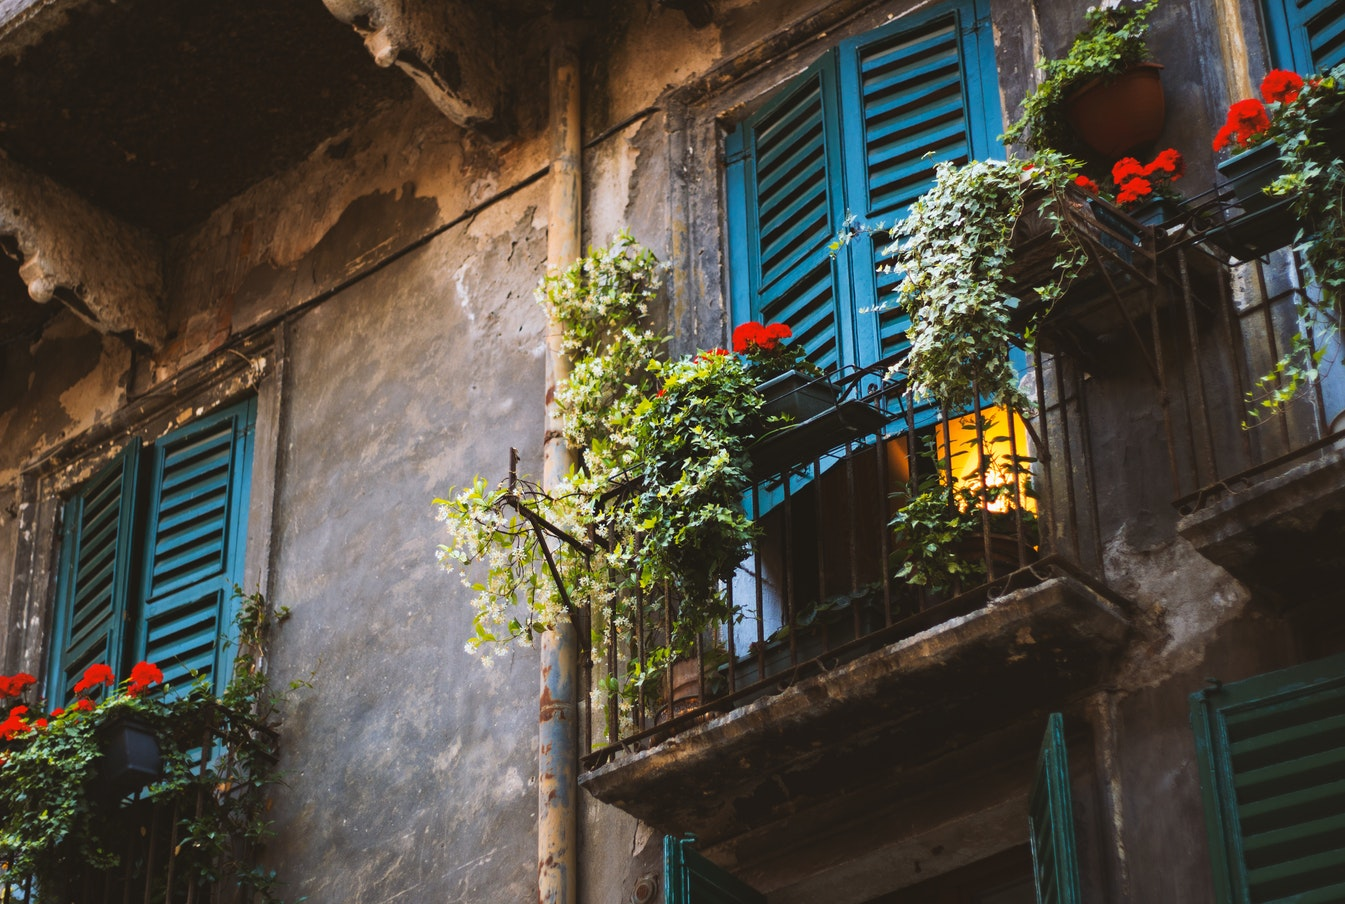 K balkonu snů s balkonovými květinami